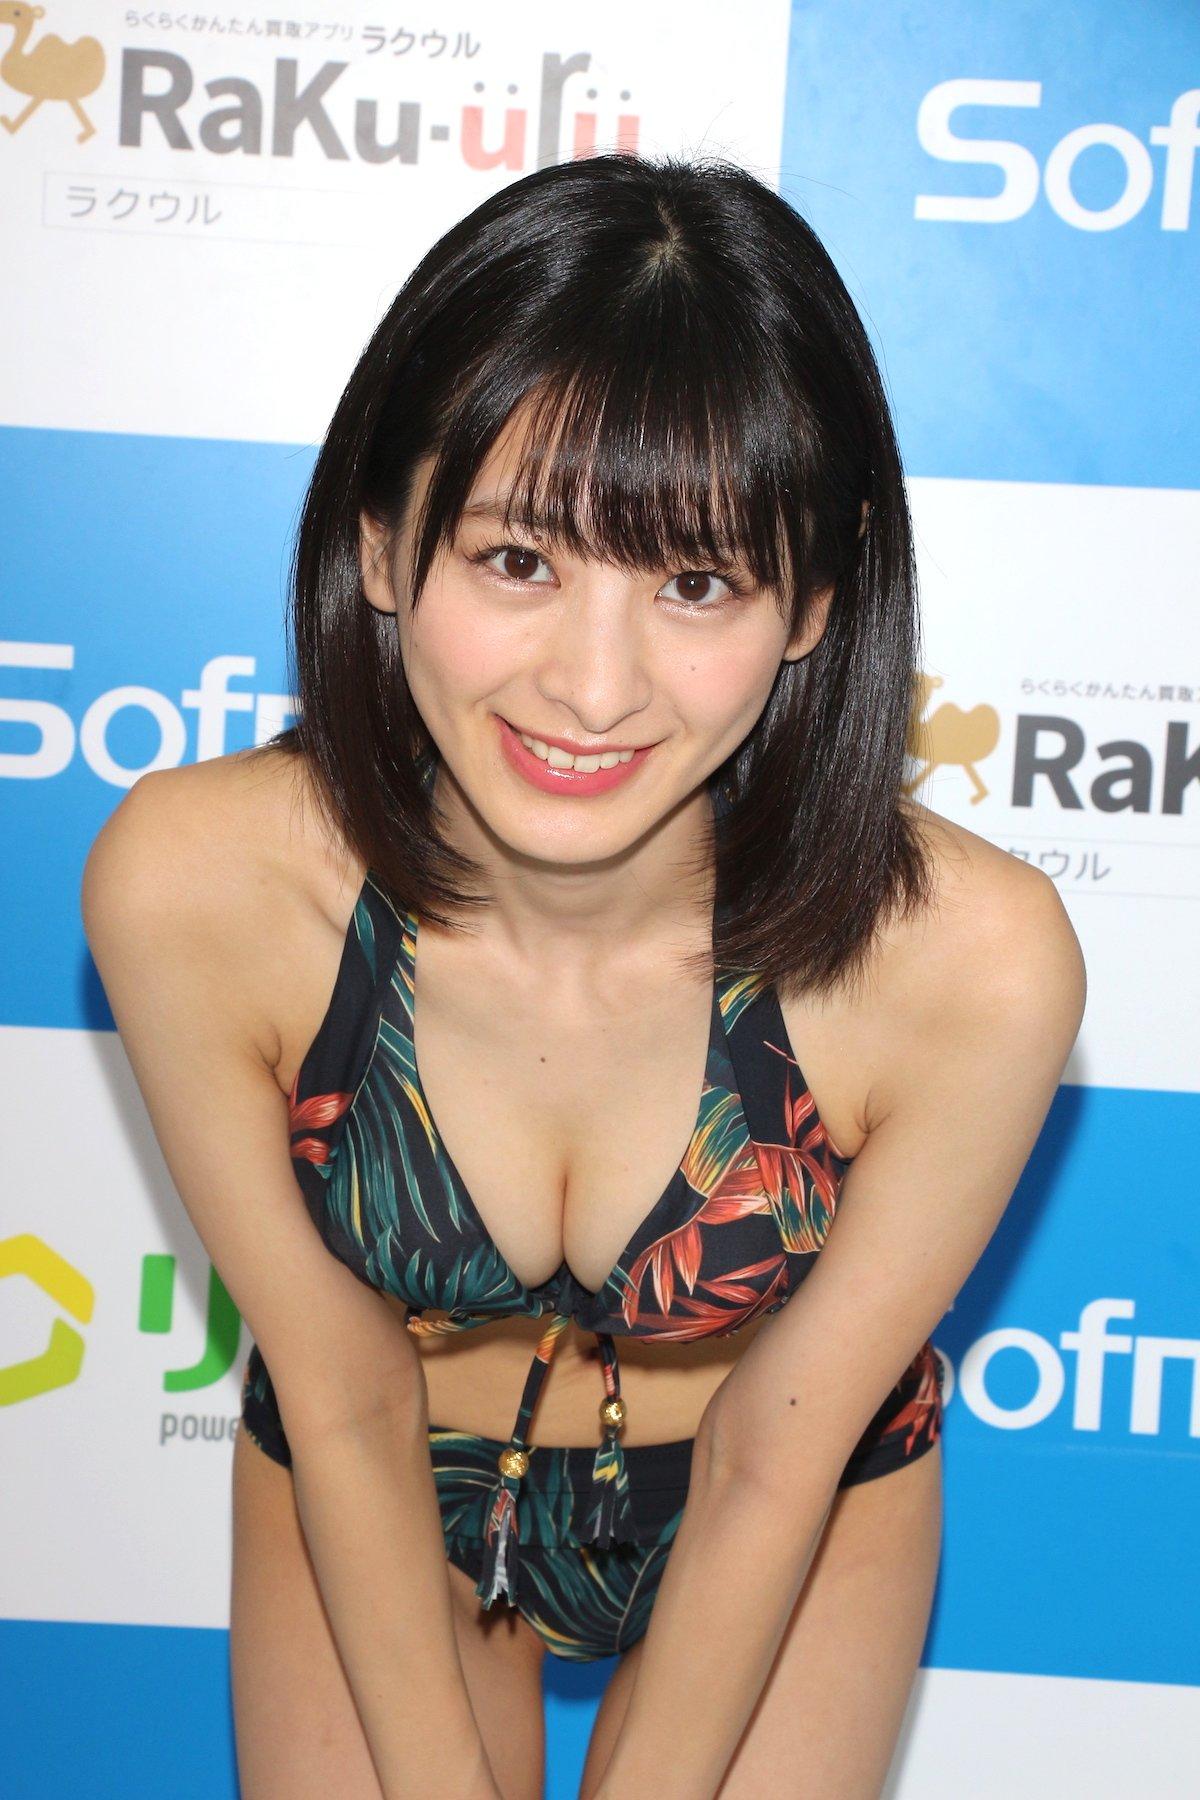 牧野澪菜「144cmのセクシーボディ」スクール水着でやらかしちゃった【画像61枚】の画像037